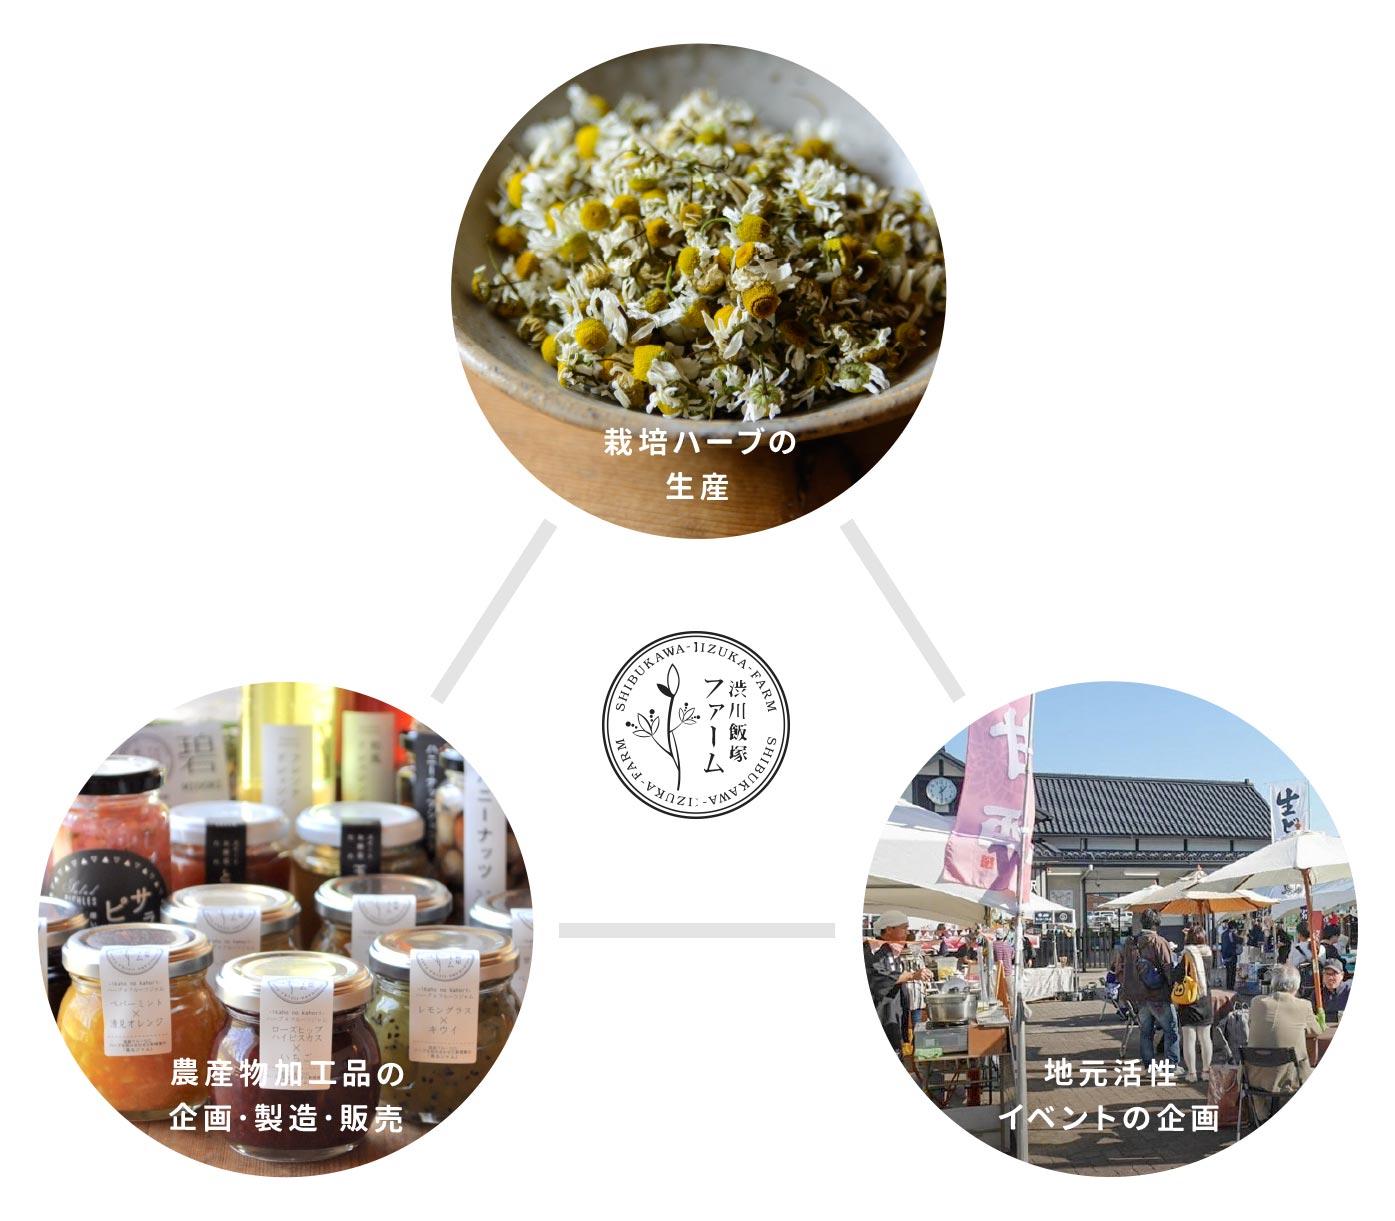 栽培ハーブの生産/農産物加工品の企画・製造・販売/地元活性イベントの企画|事業内容(図)|渋川飯塚ファーム